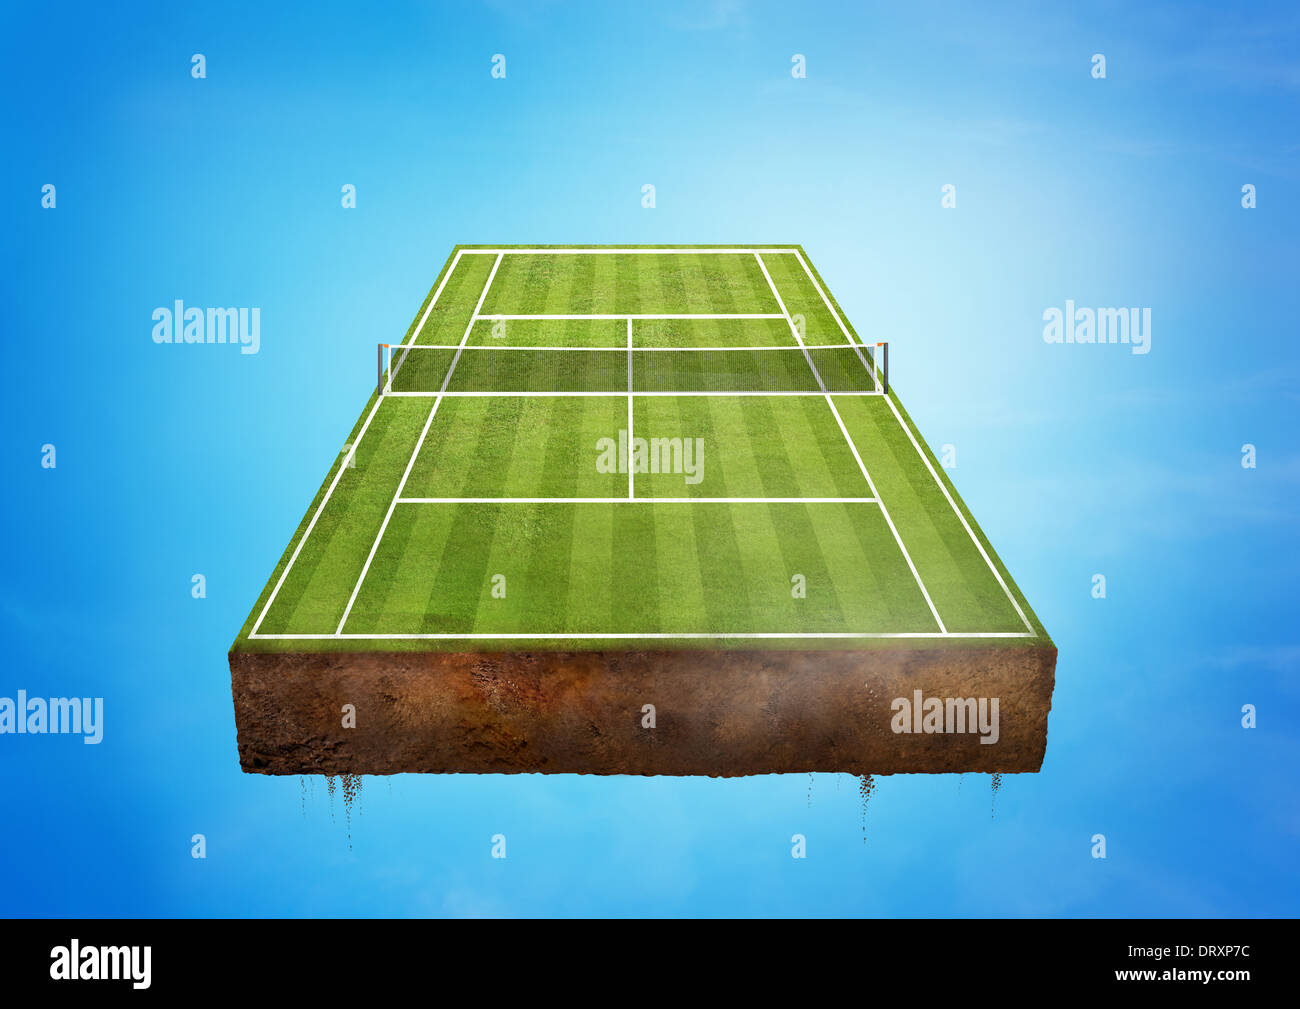 Una cancha de tenis verdes flotantes. Concepto de deportes. Imagen De Stock